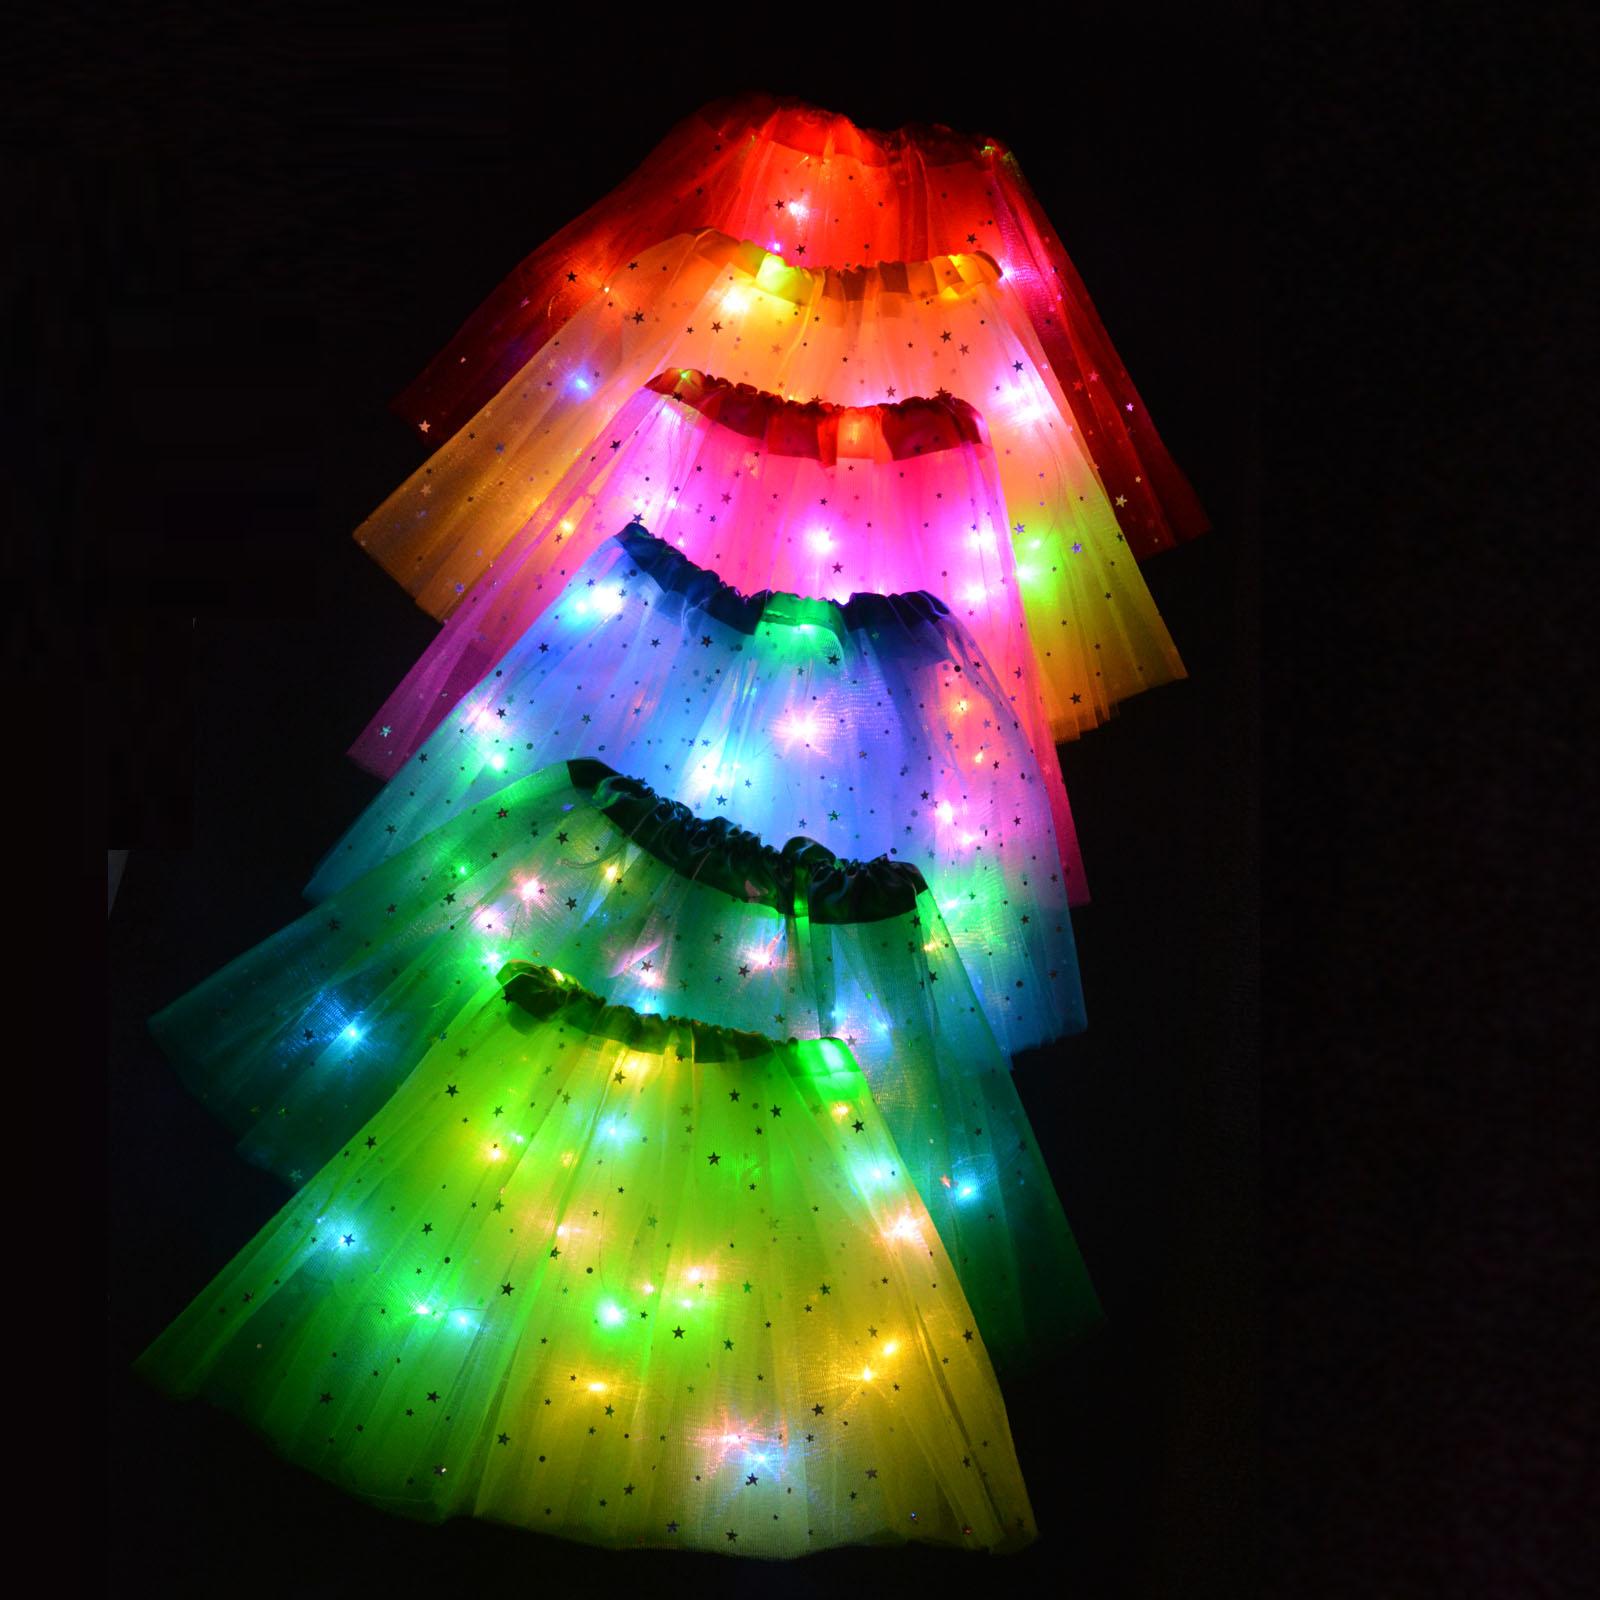 Kids Star LED Tutu Light Skirt Princess Party Tulle Pettiskirt Ballet Birthday Gift Elf Costume Wedding Flower Girls Ball Skirt